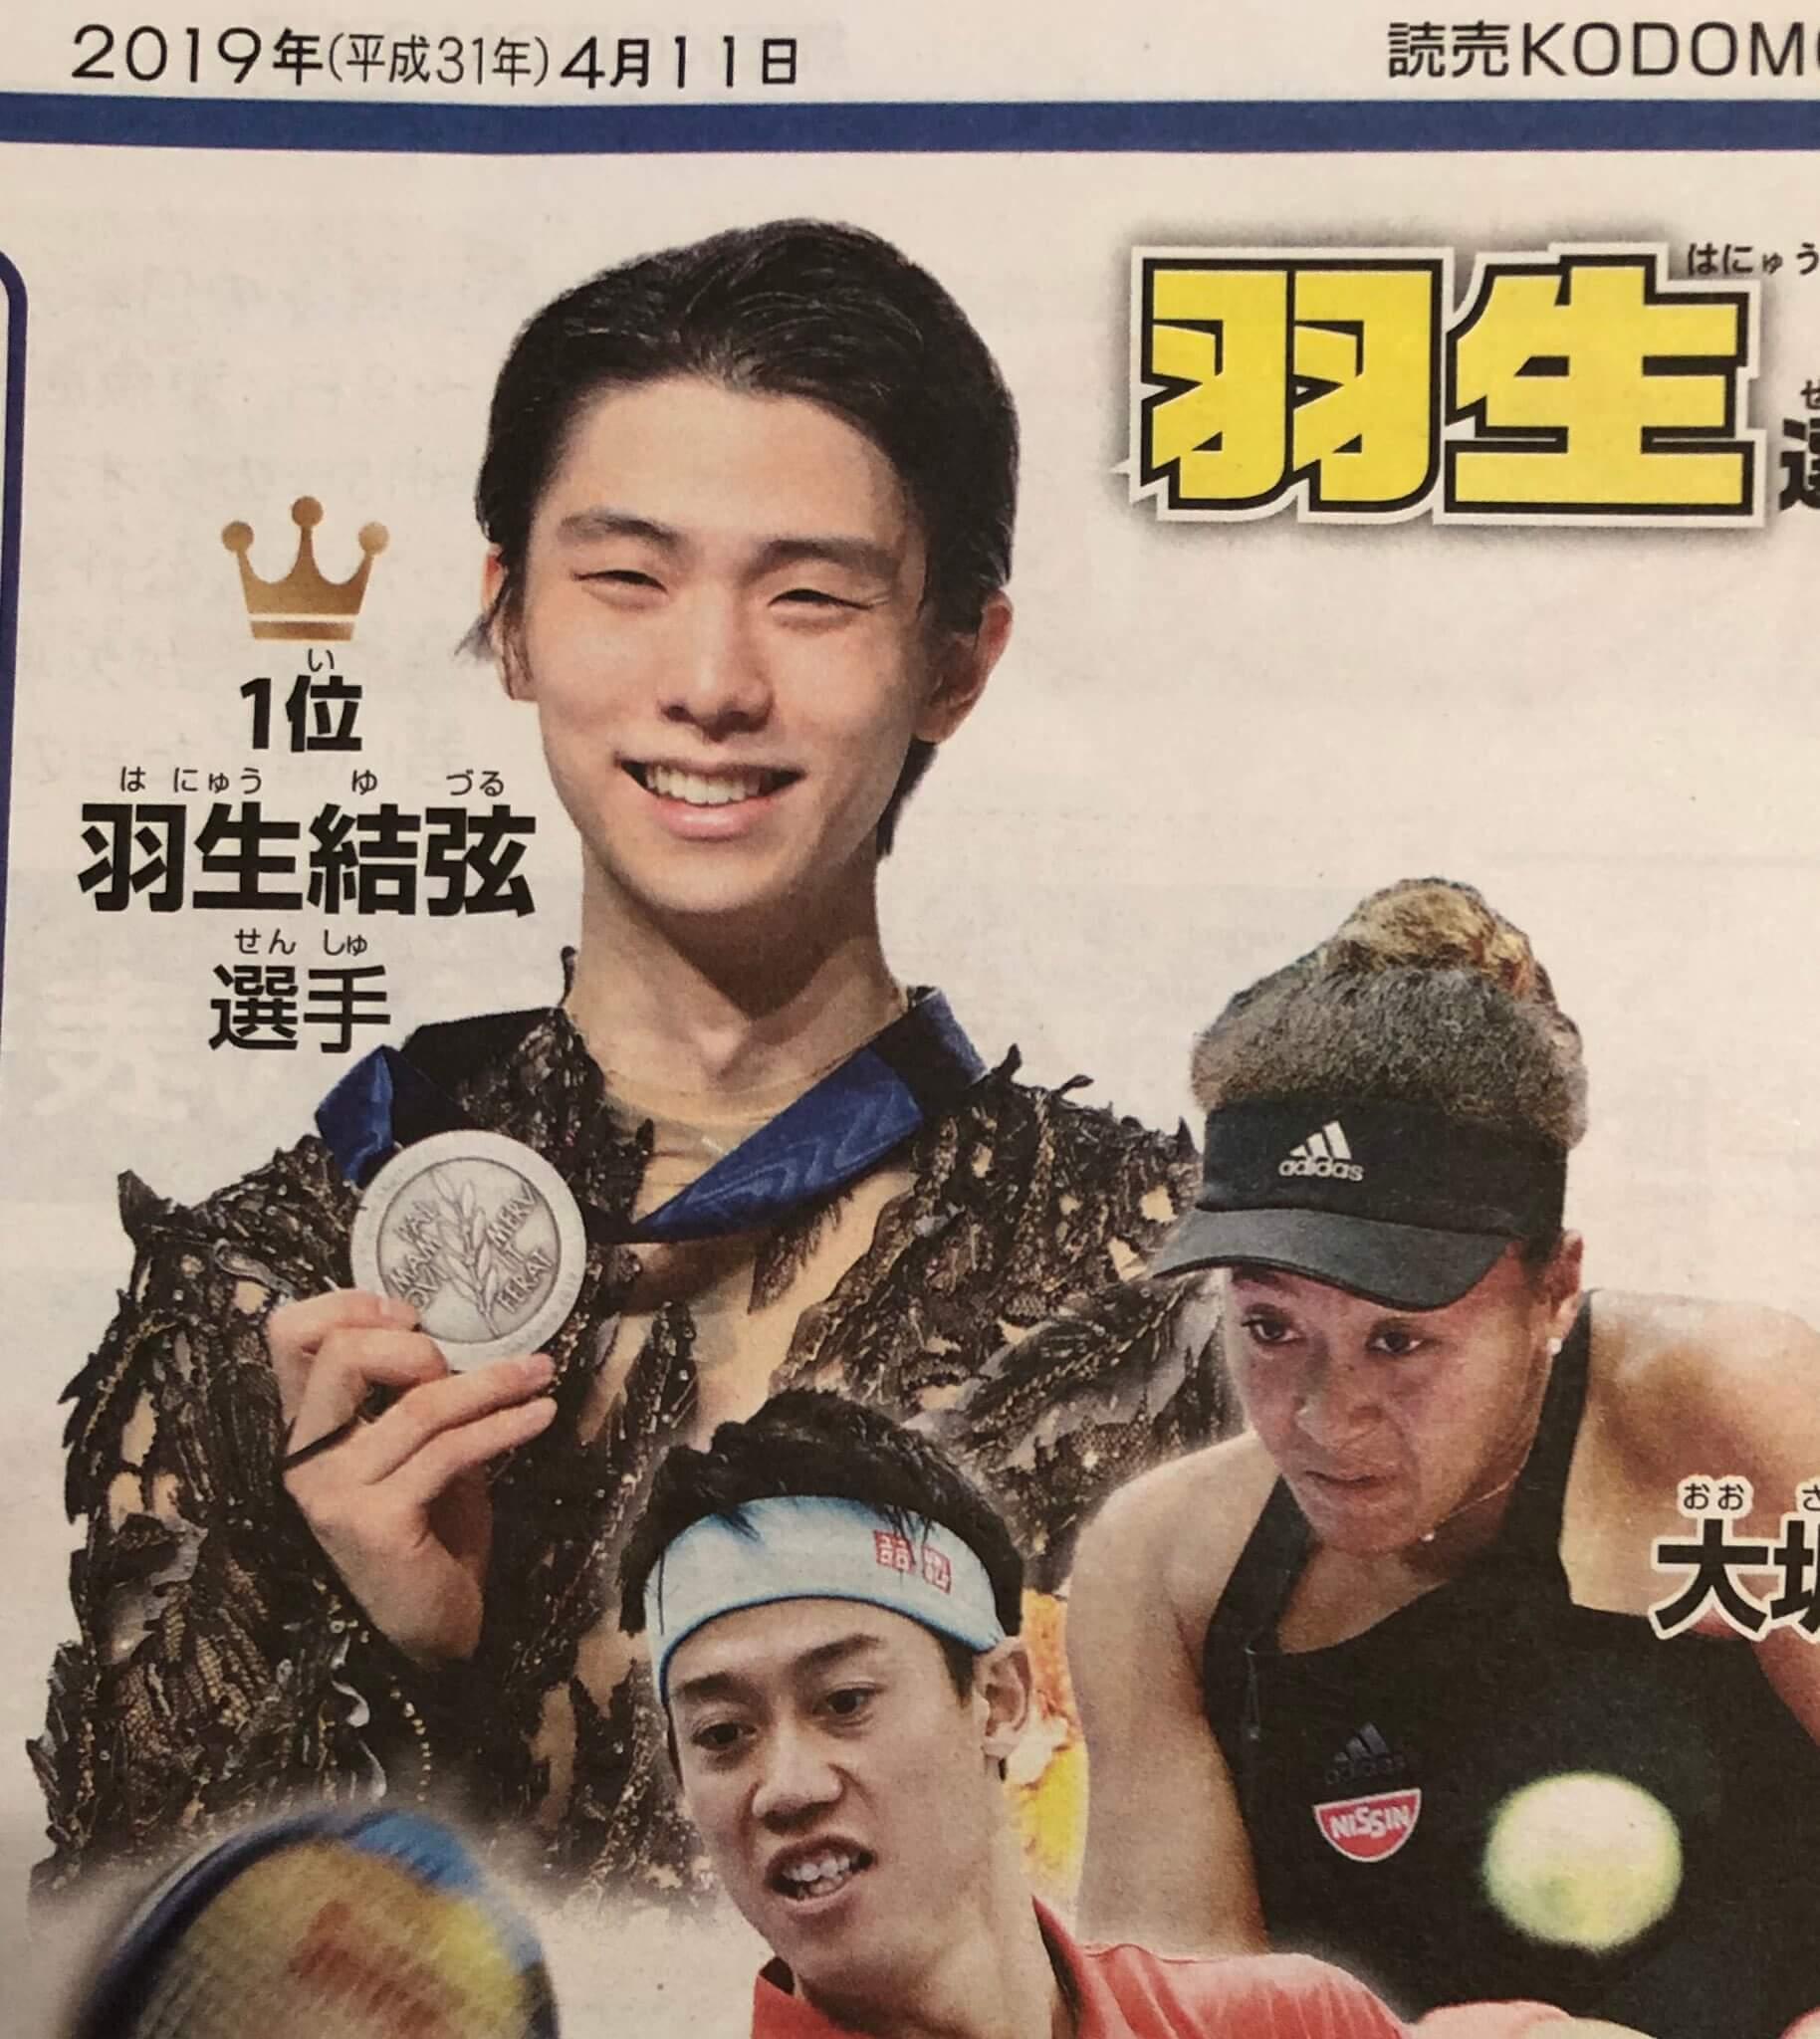 読売KODOMO新聞 好きなスポーツ選手アンケートで羽生結弦が1位!